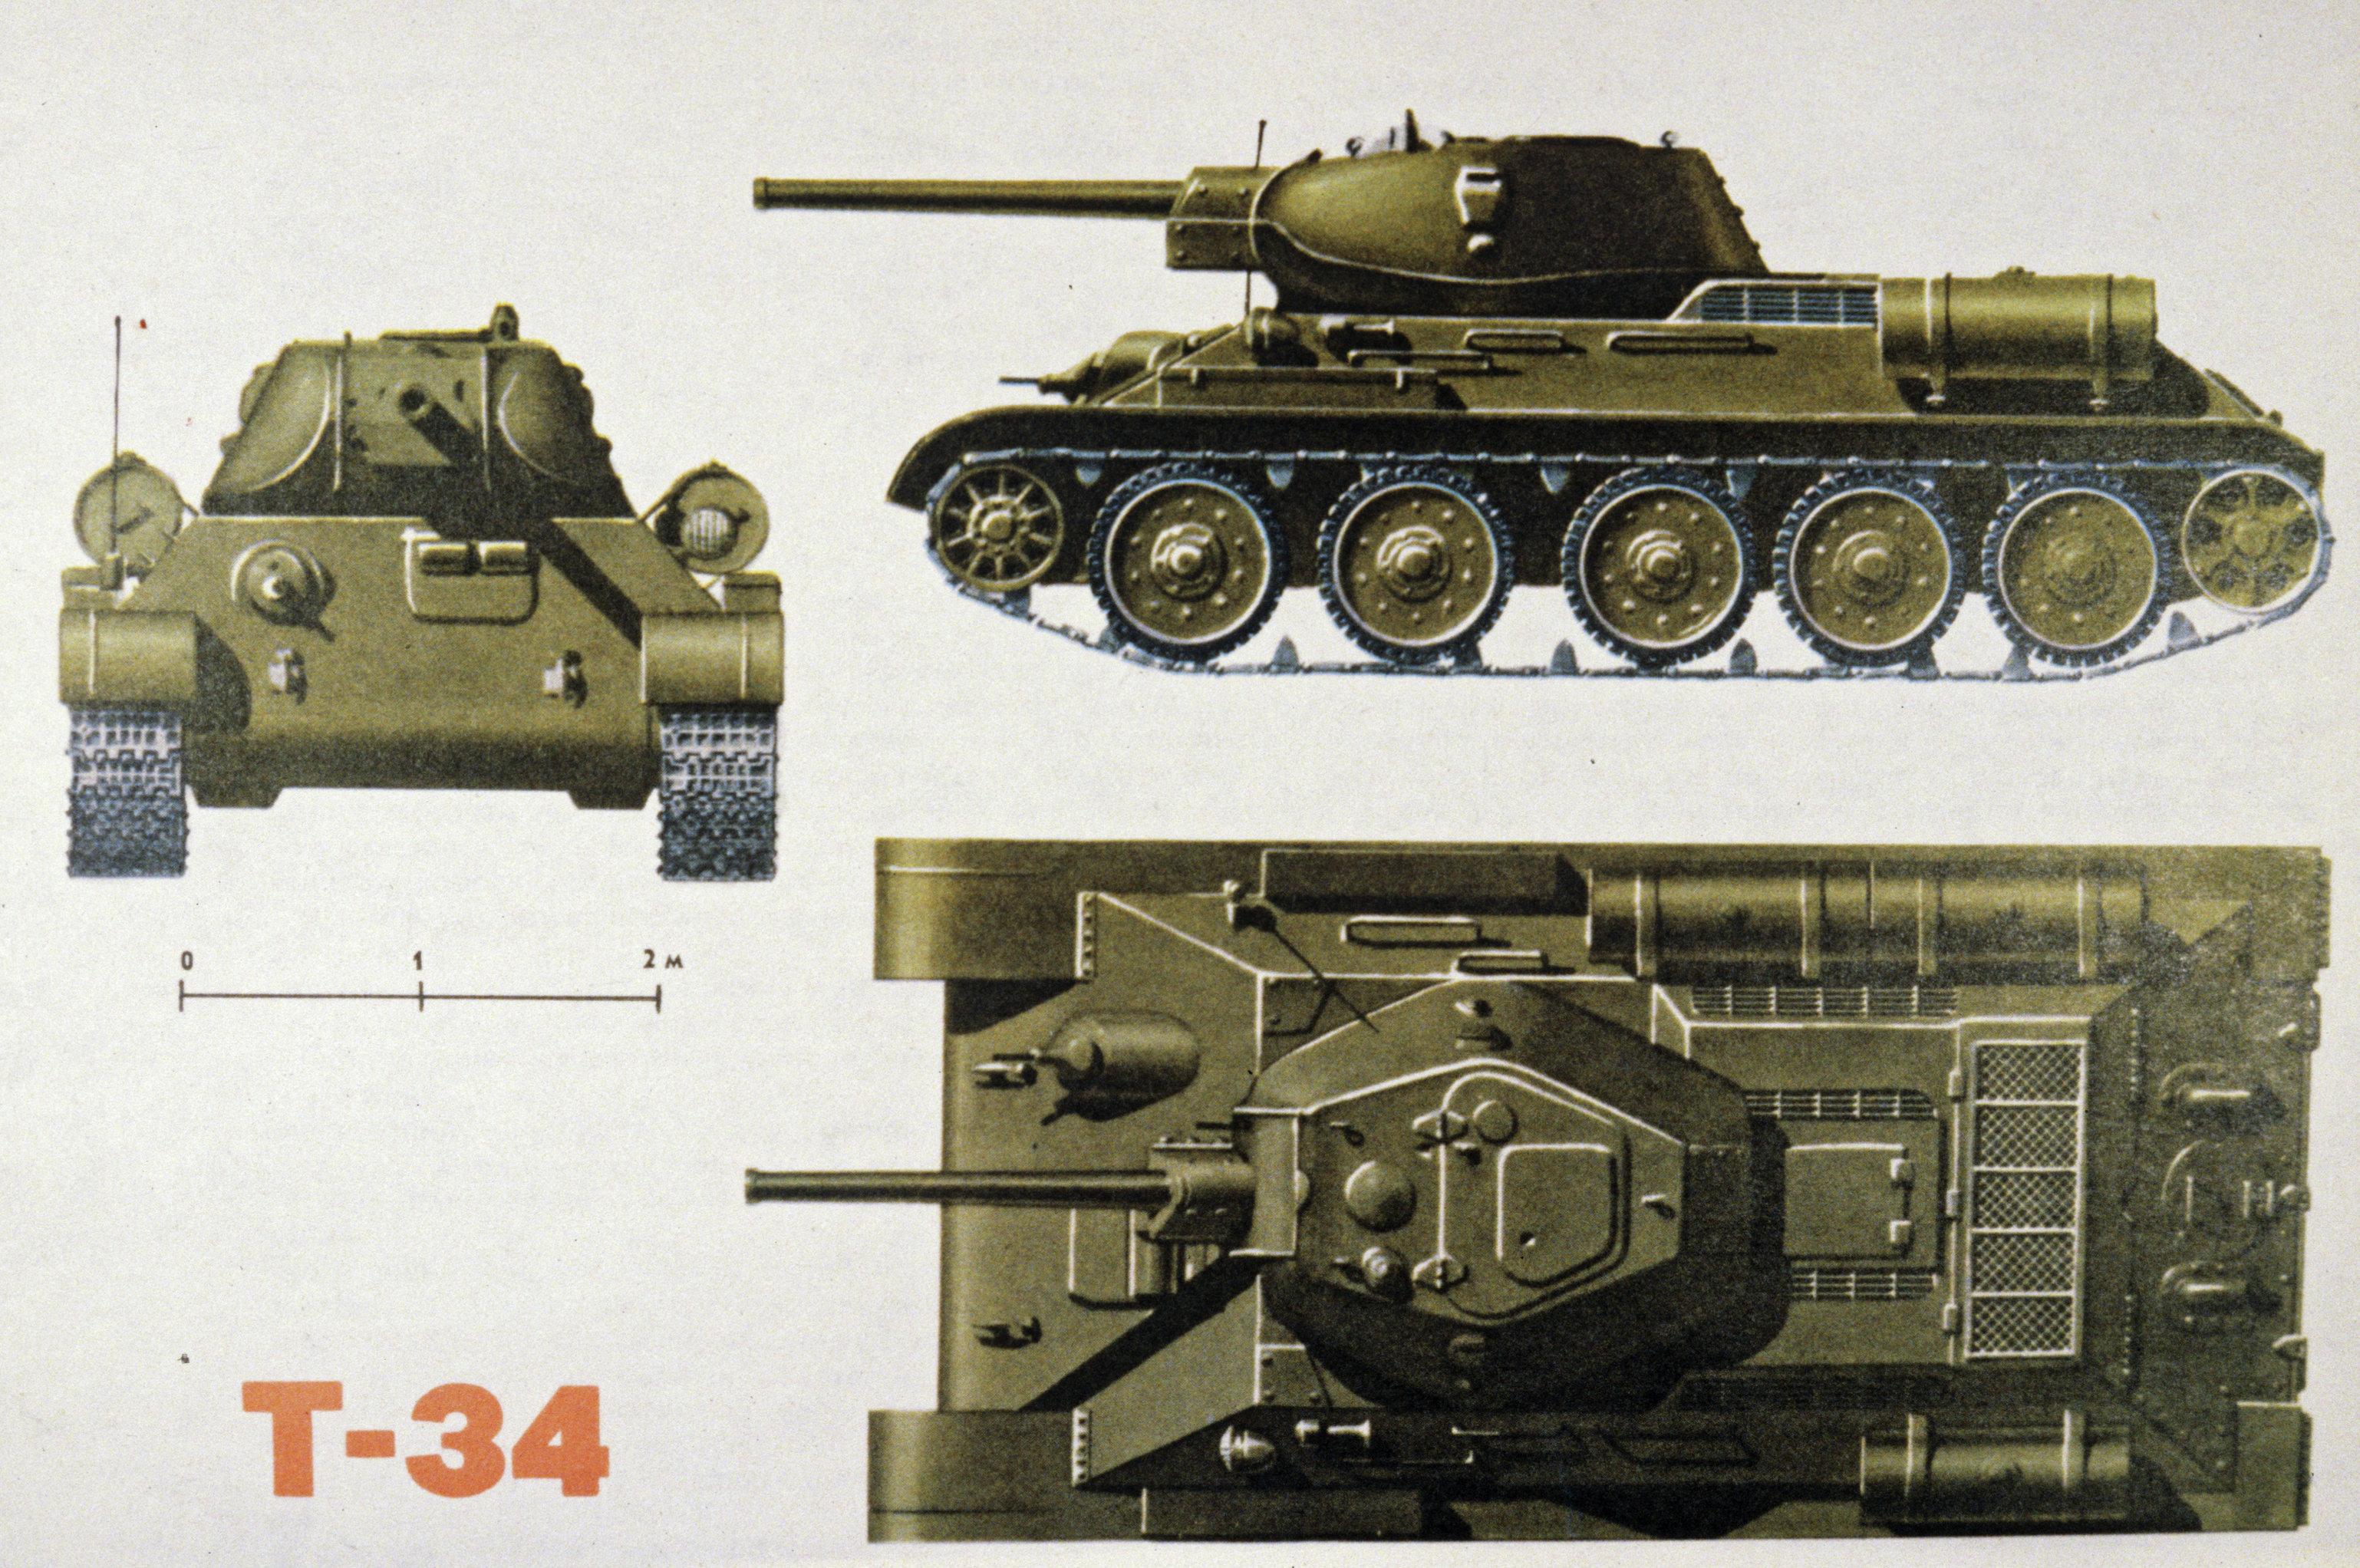 Средний танк Т-34. Репродукция из книги Оружие Победы 1941-1945 гг.